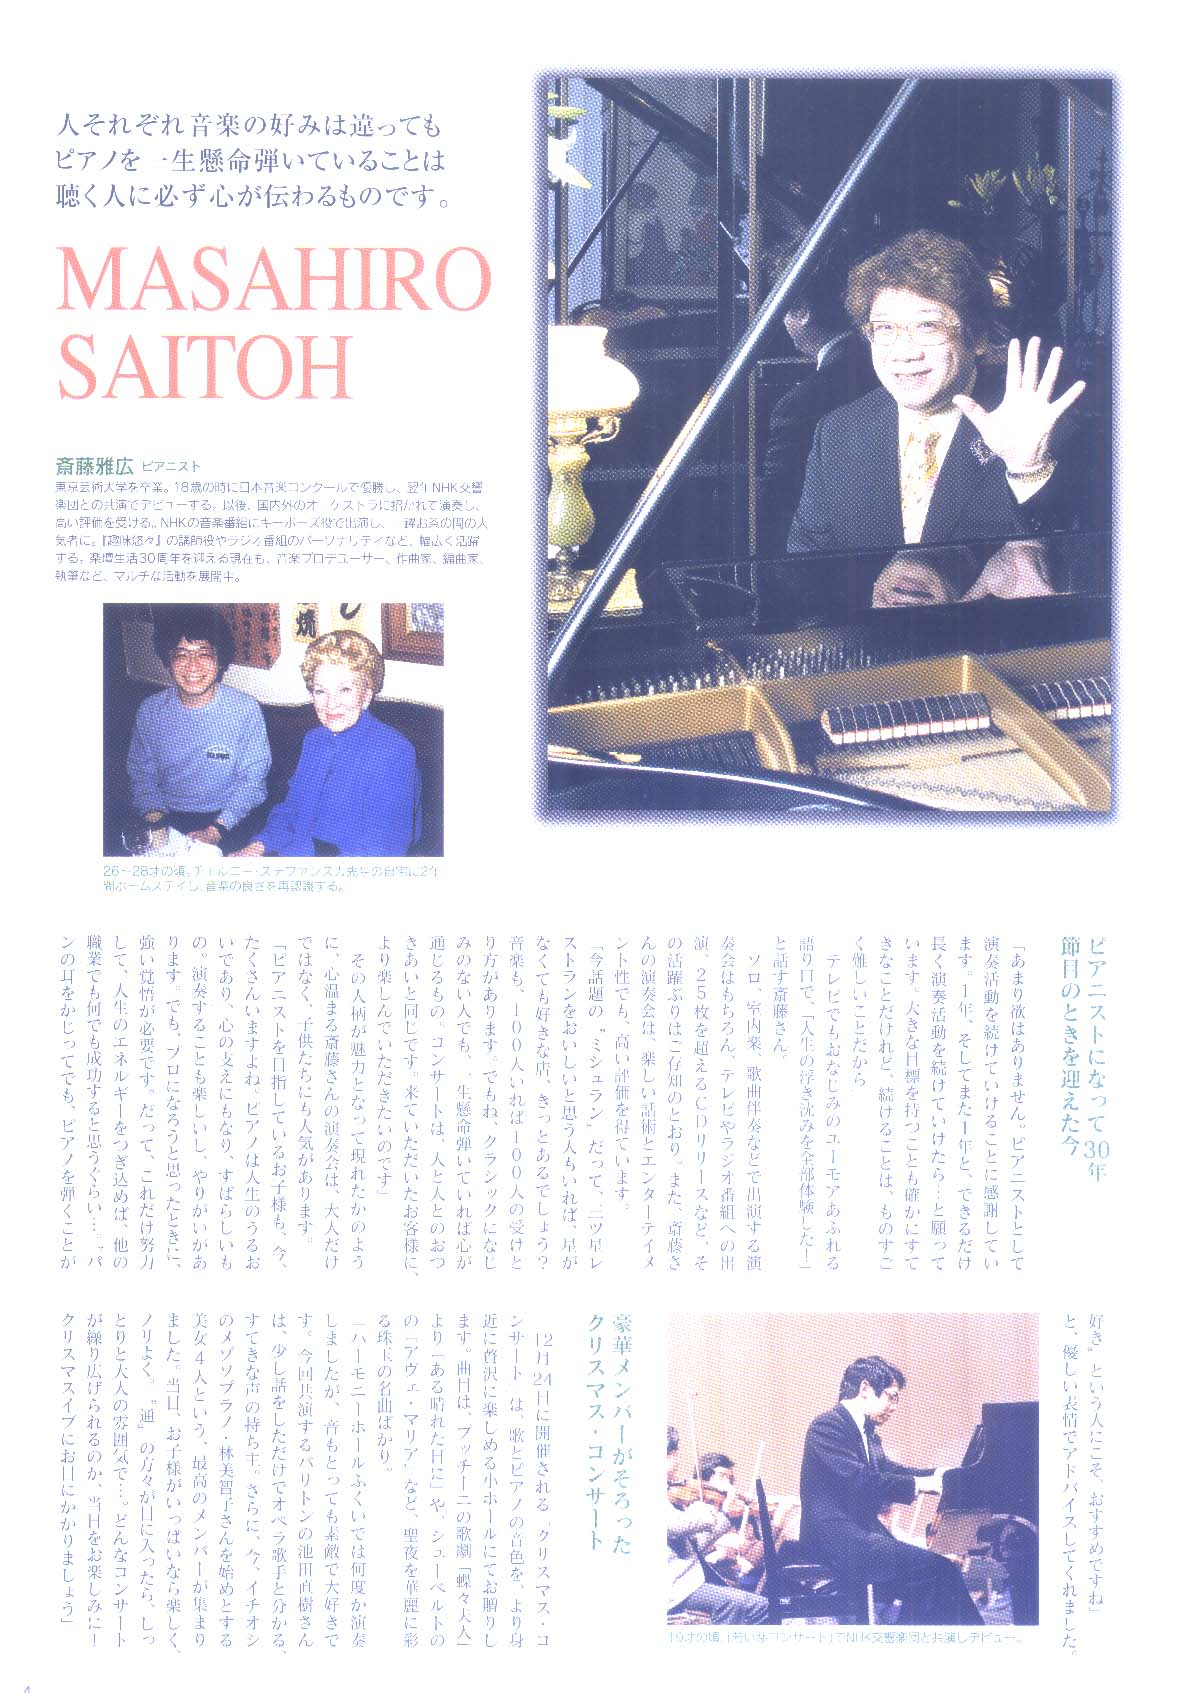 季刊誌「ブンカ」にインタビュー掲載_a0041150_2125074.jpg